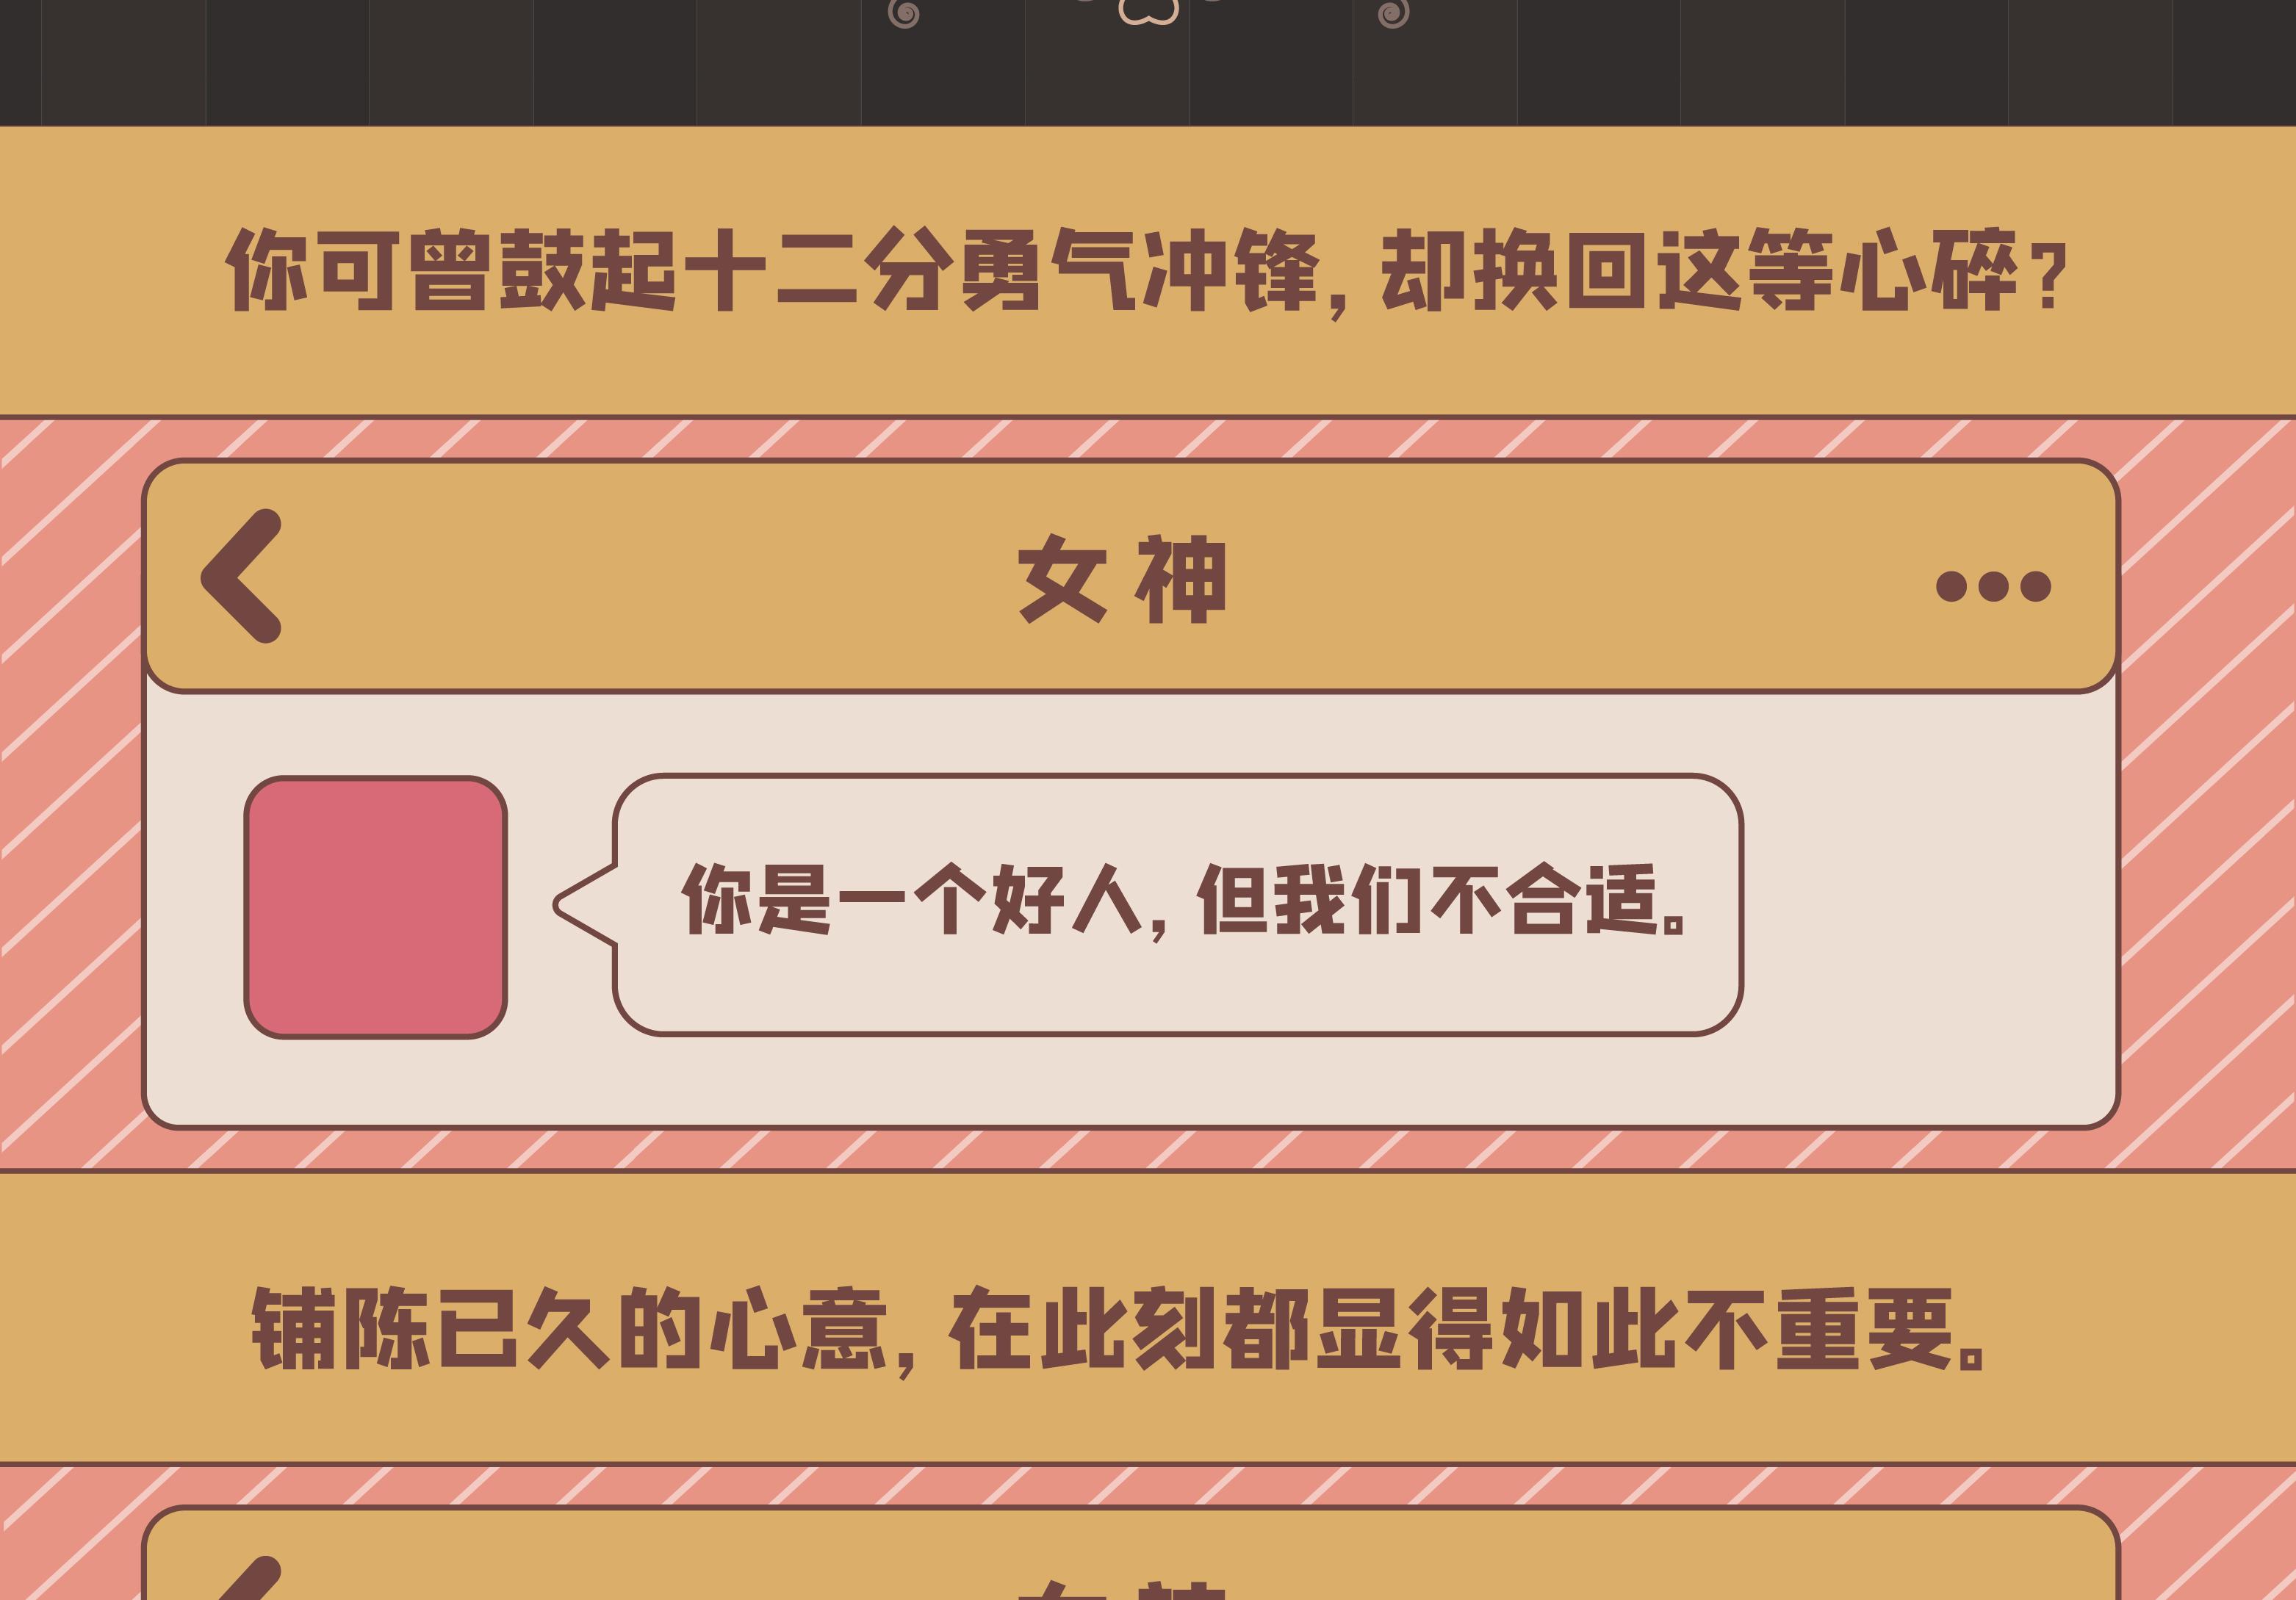 20190904-众筹封面-详情_画板-1_02.jpg